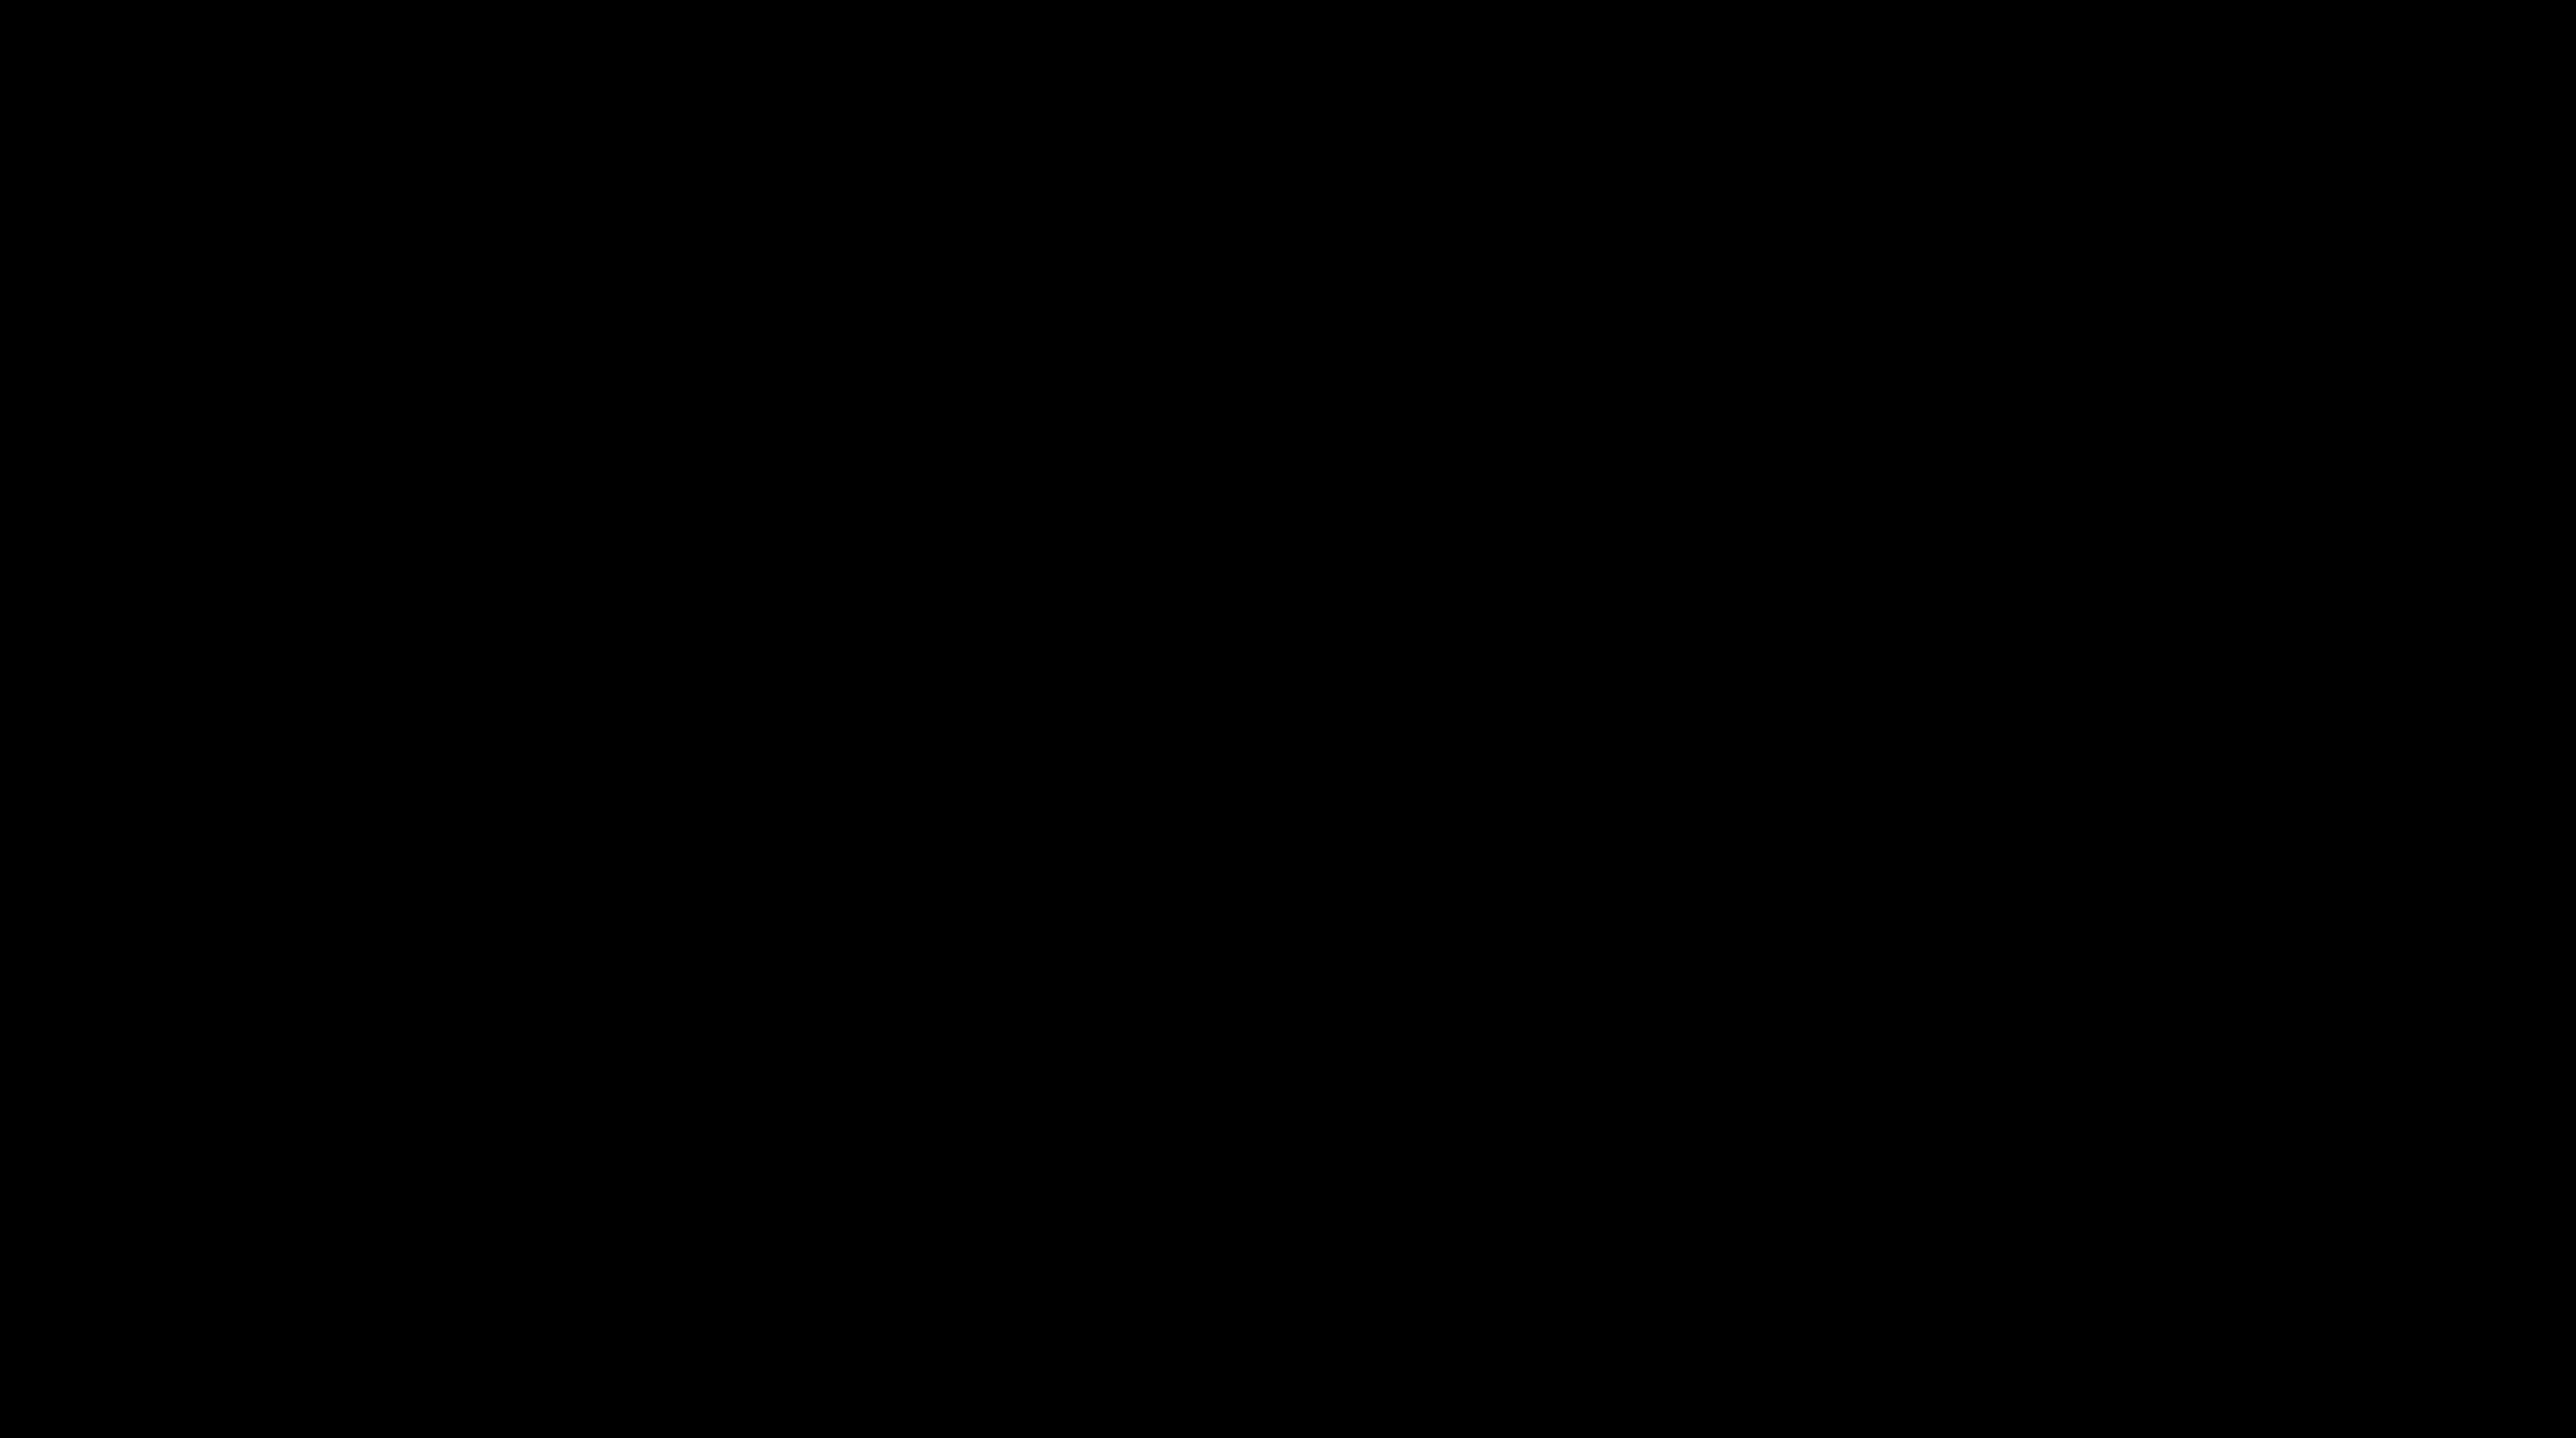 4UpperModels – 001